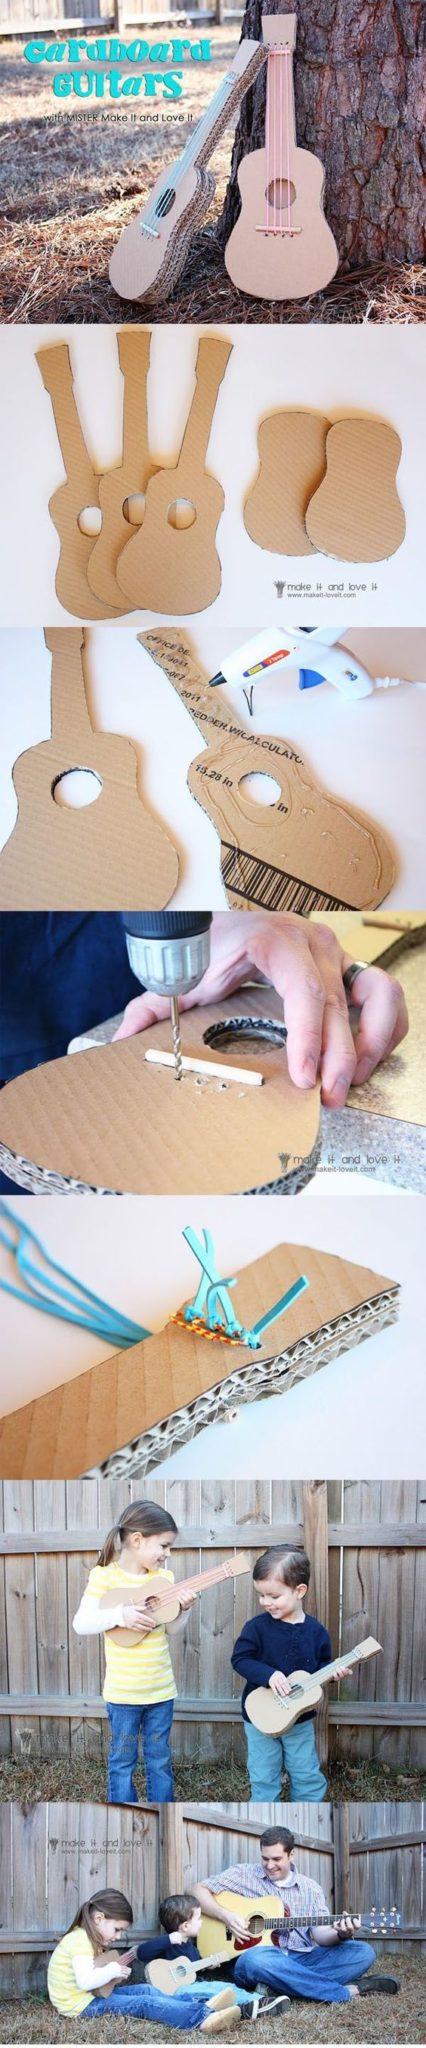 manualidades instrumentos musicales de carton de guitarras